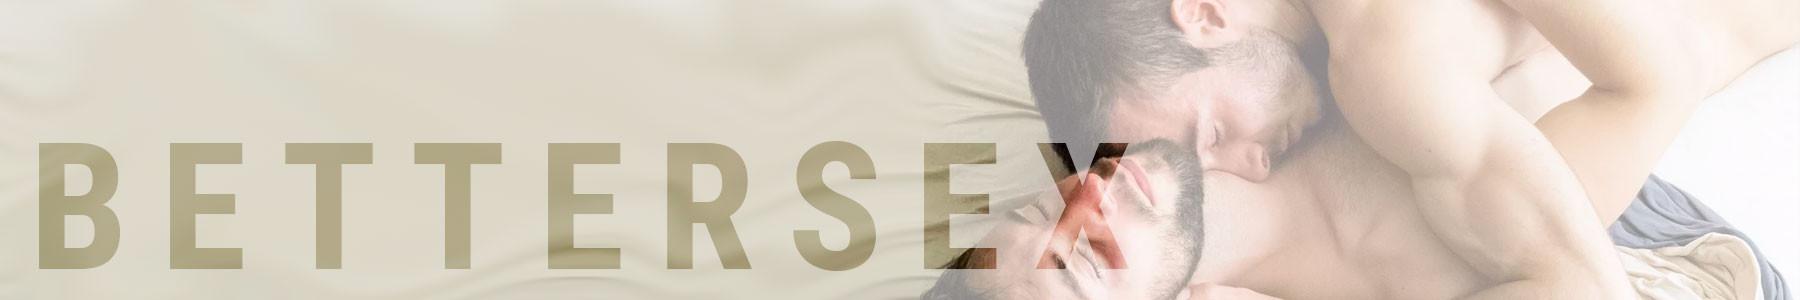 Préparer la sodomie - Notre sélection d'articles érotiques